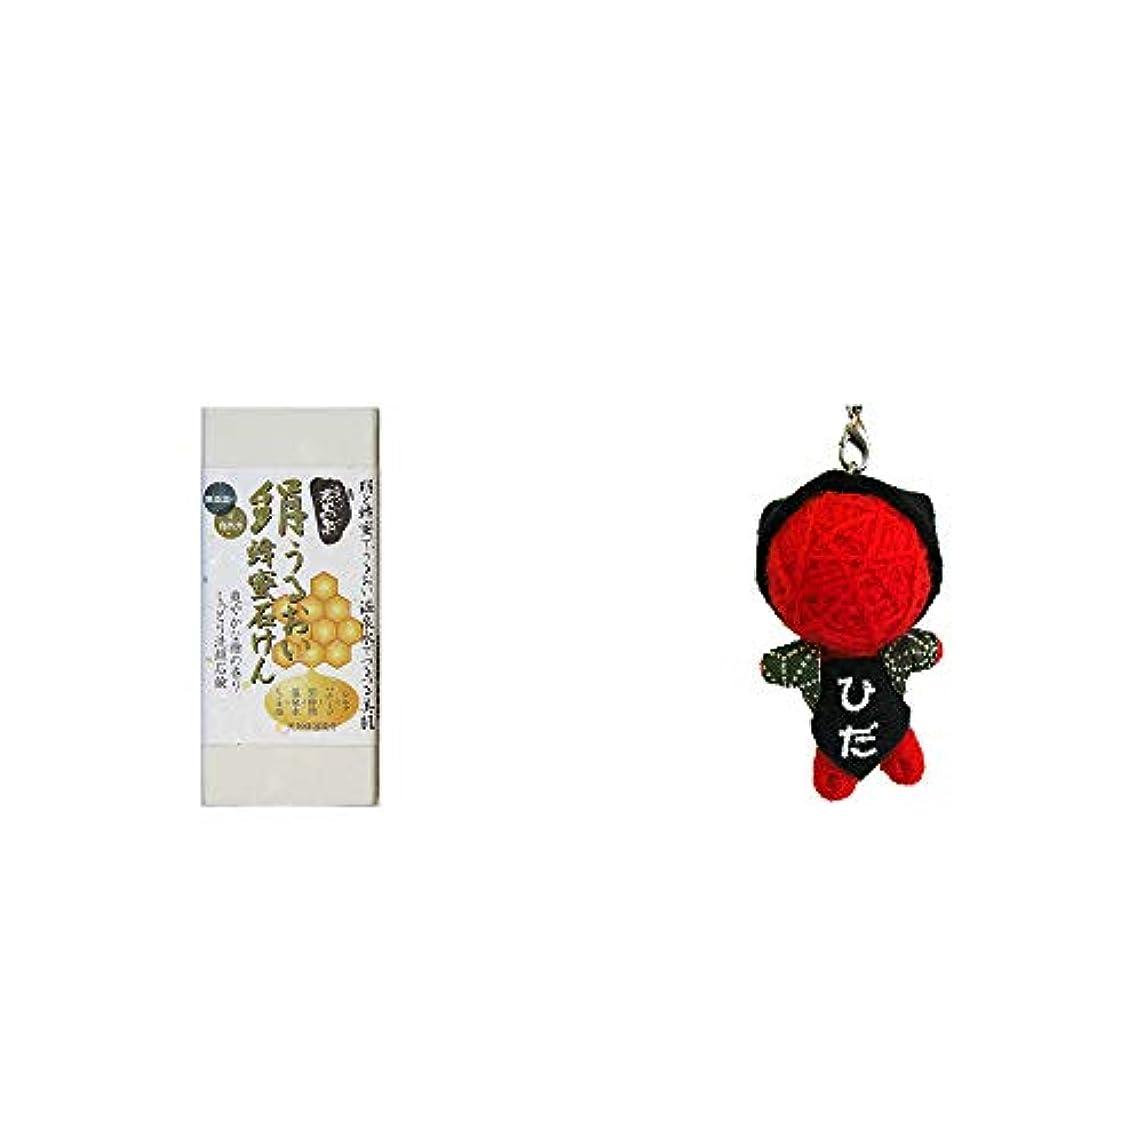 近く滅多シンポジウム[2点セット] ひのき炭黒泉 絹うるおい蜂蜜石けん(75g×2)?ハッピー さるぼぼドール ブドゥドール(ストラップ) / 魔除け?身代わり人形 //